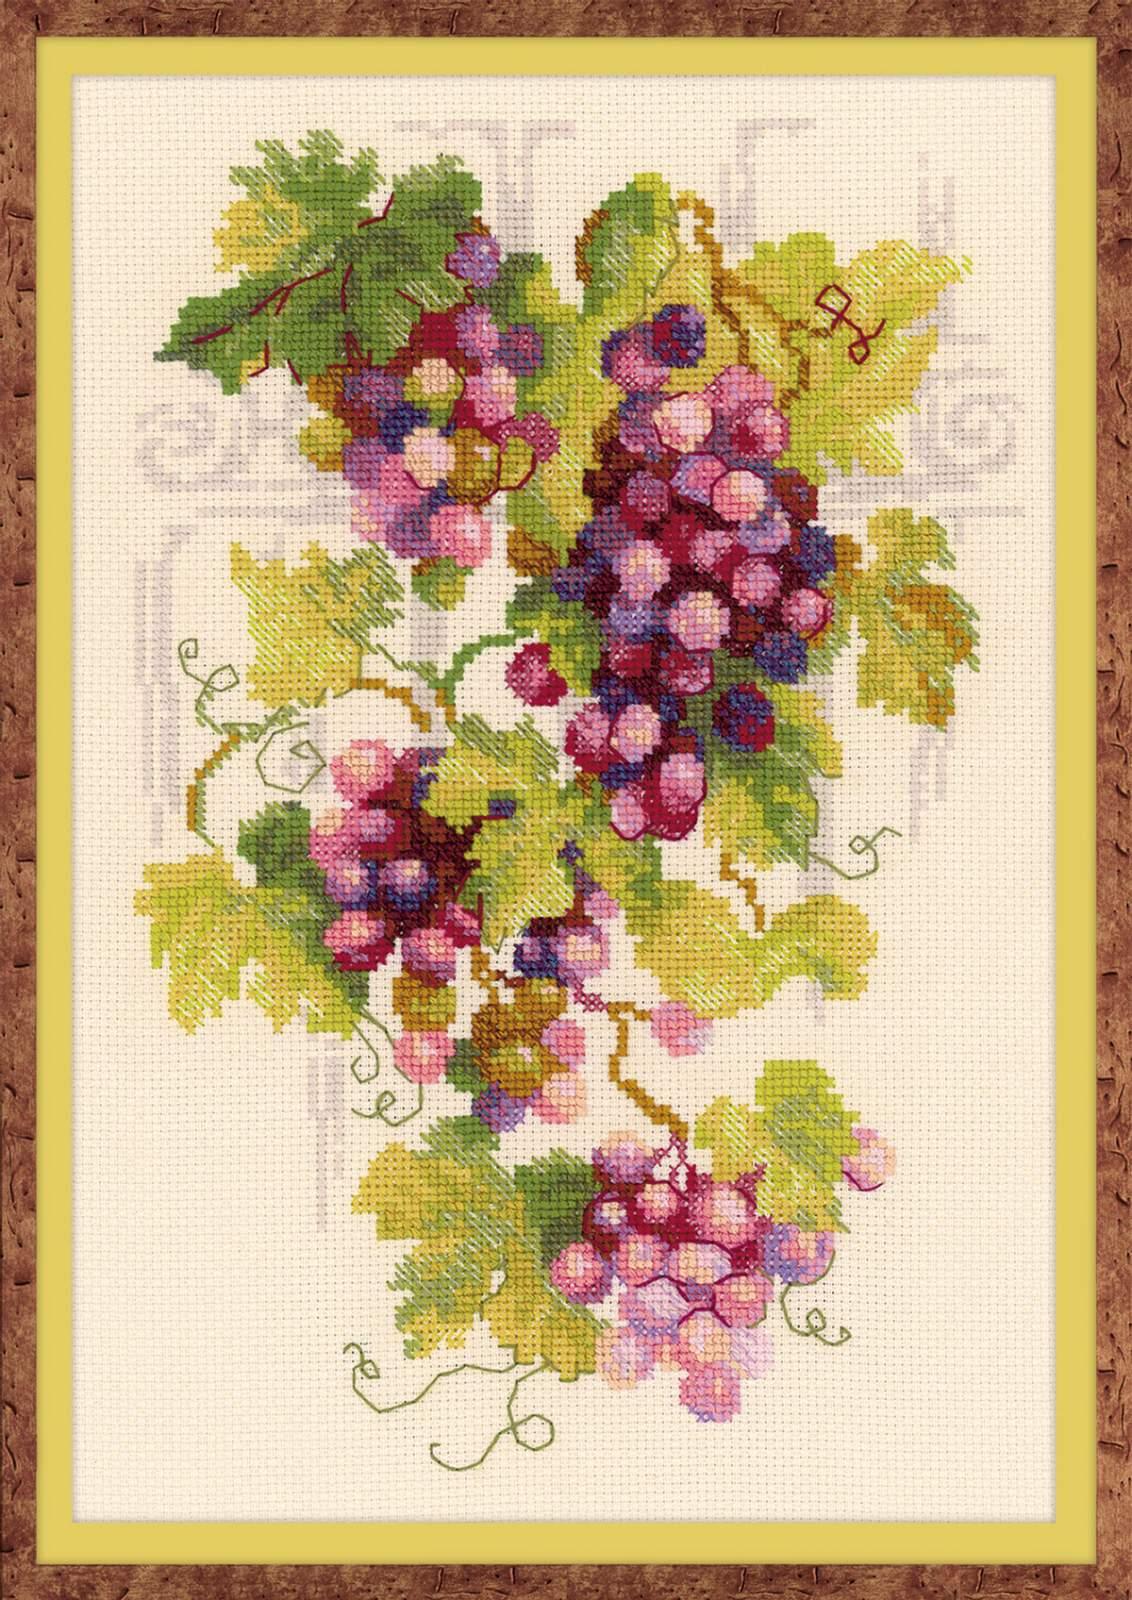 Вышивка крестом виноградной лозы